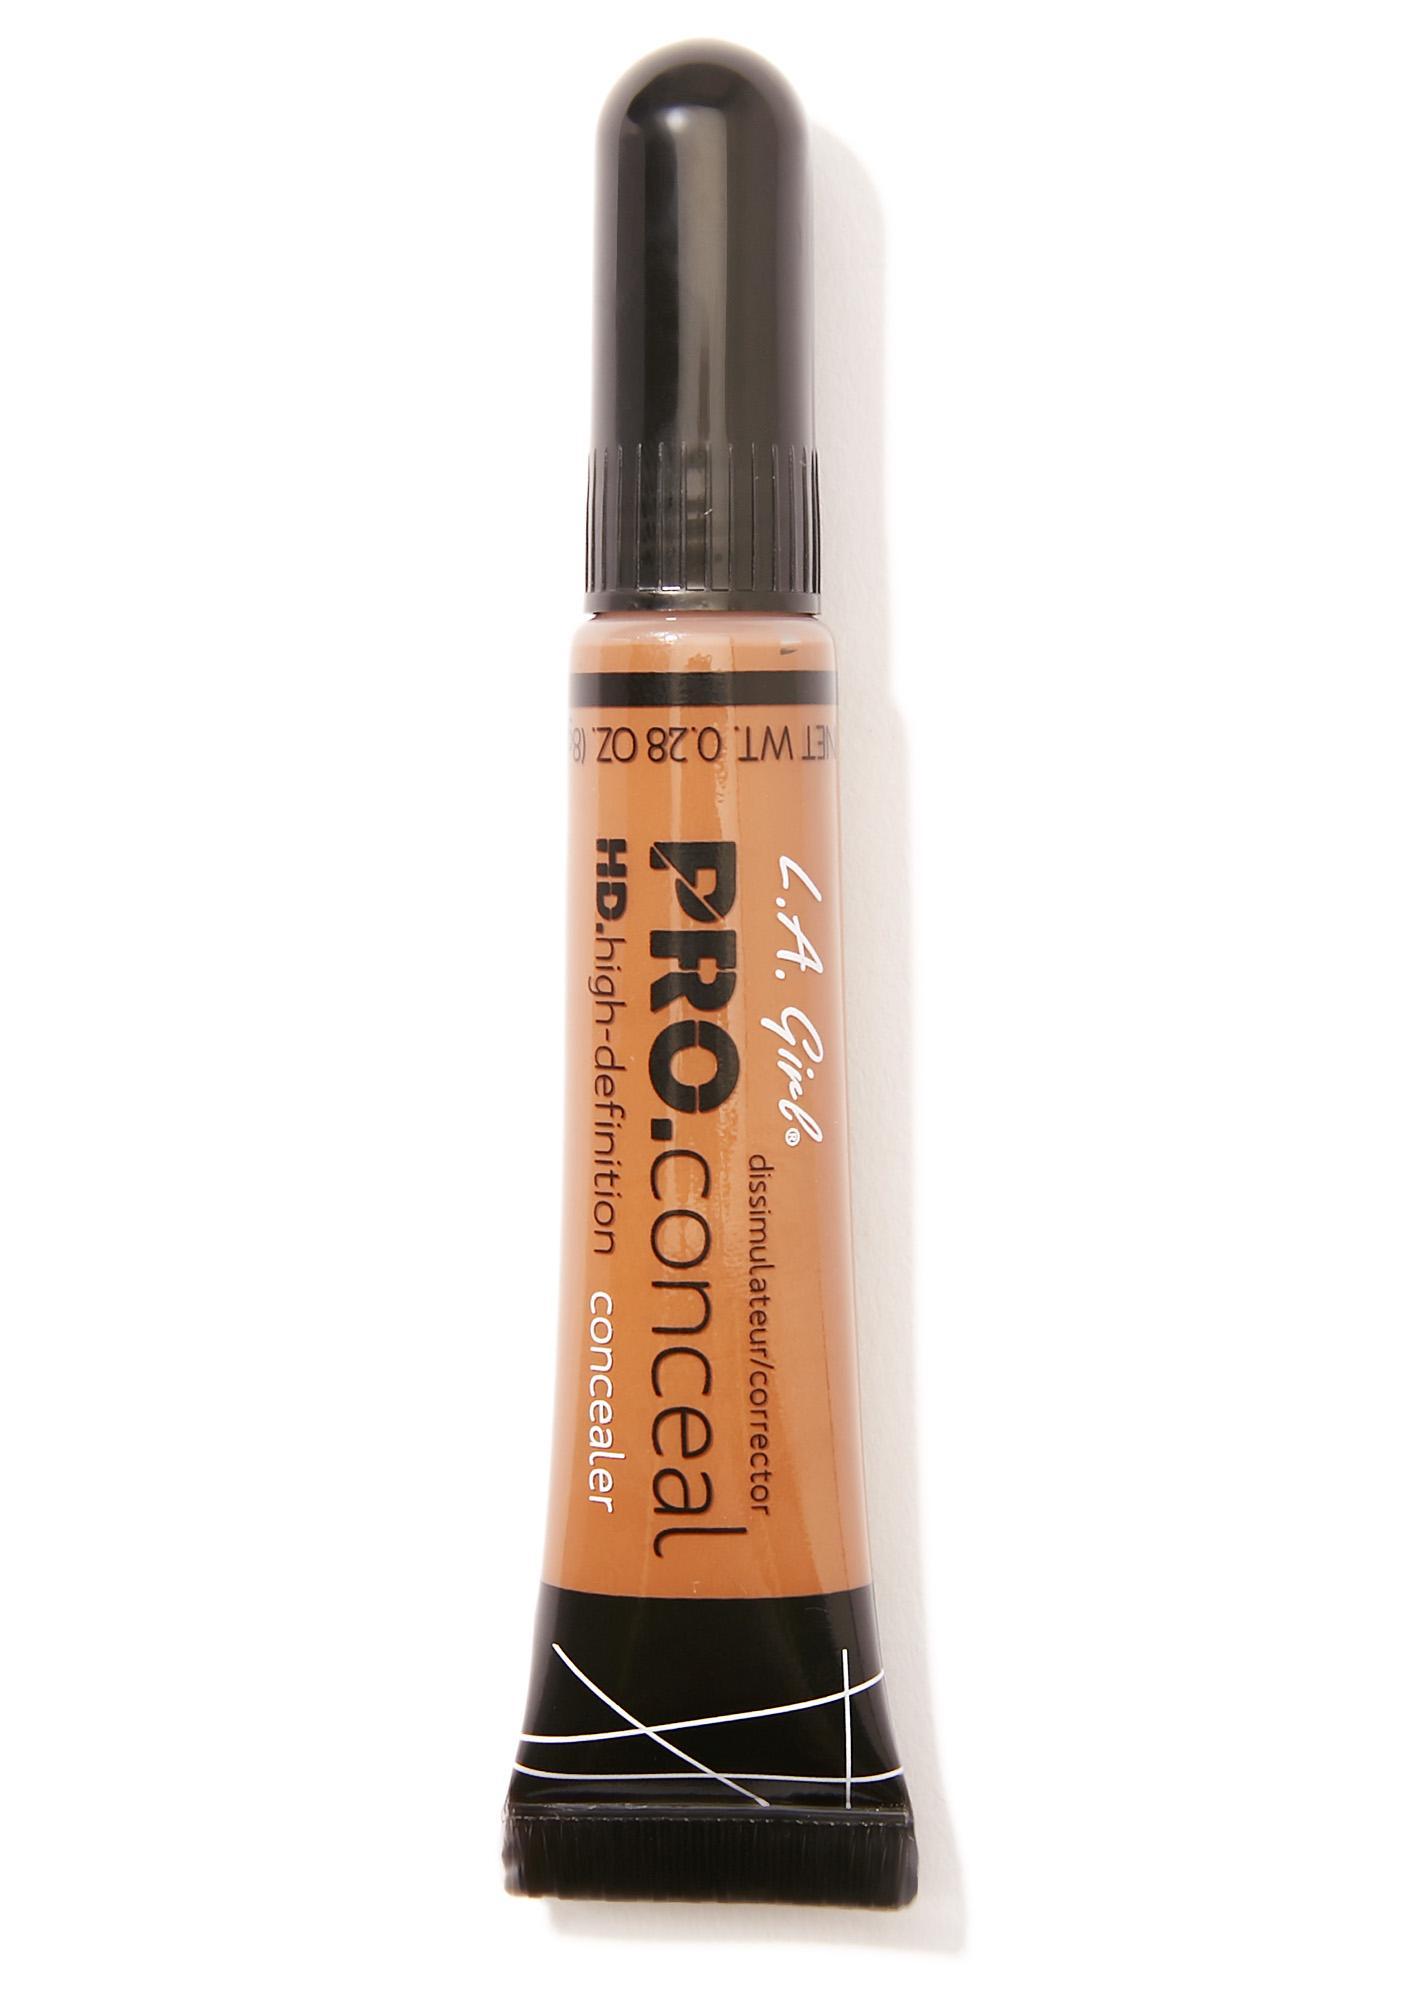 LA Girl HD Pro Espresso Concealer